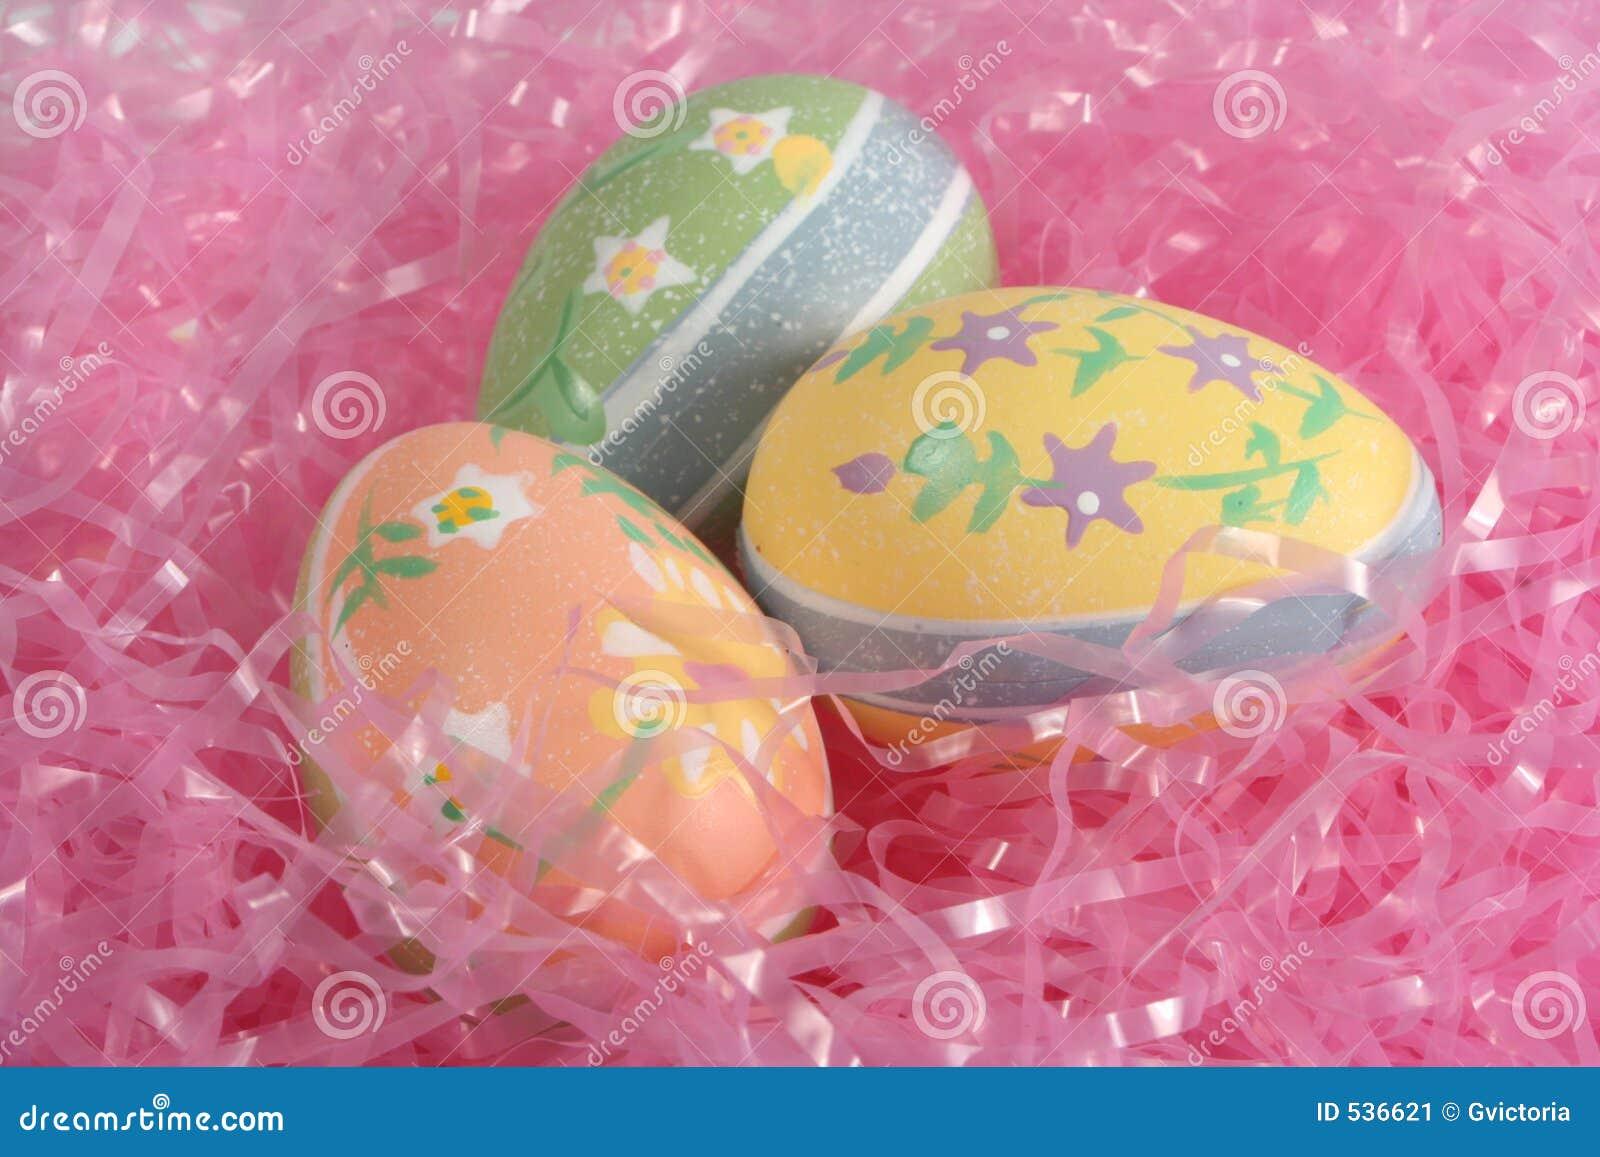 Download 装饰鸡蛋 库存图片. 图片 包括有 材料, 春天, 庆祝, 玩具, 纹理, 鸡蛋, 着色, 柔和的淡色彩, 嵌套 - 536621